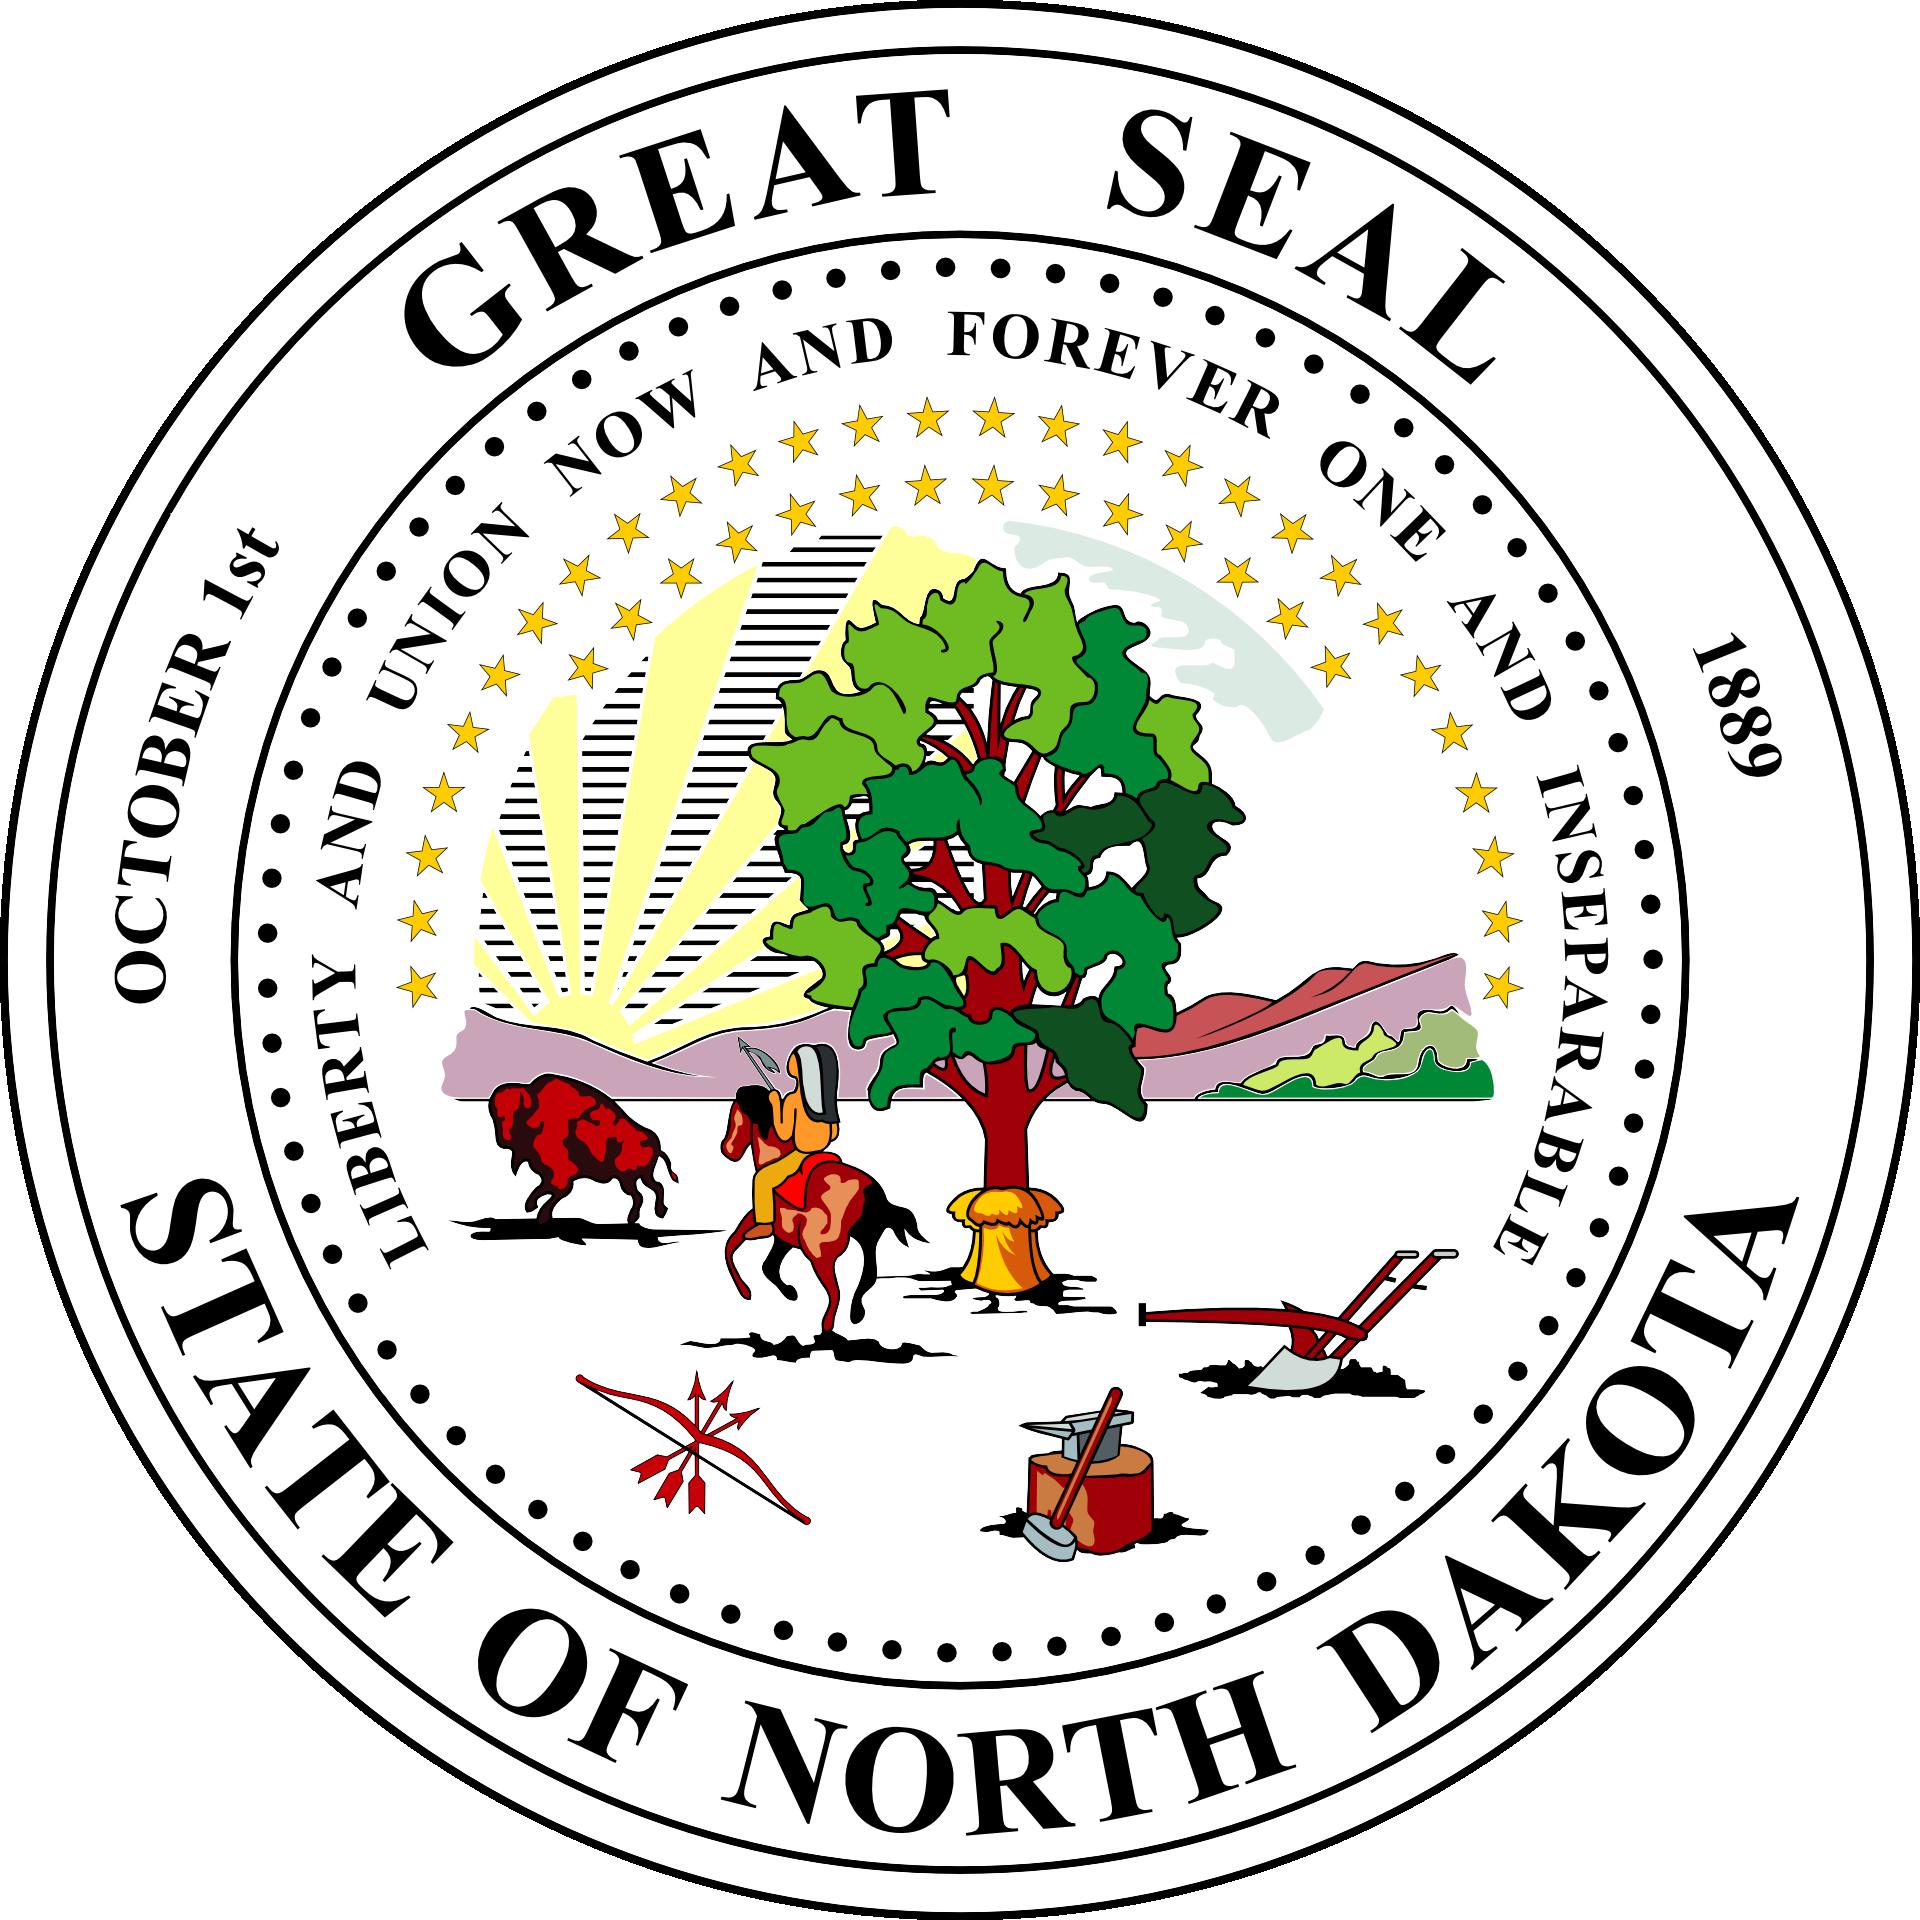 The Seal of the State of North Dakota and North Dakota Slot Machine Casino Gambling.